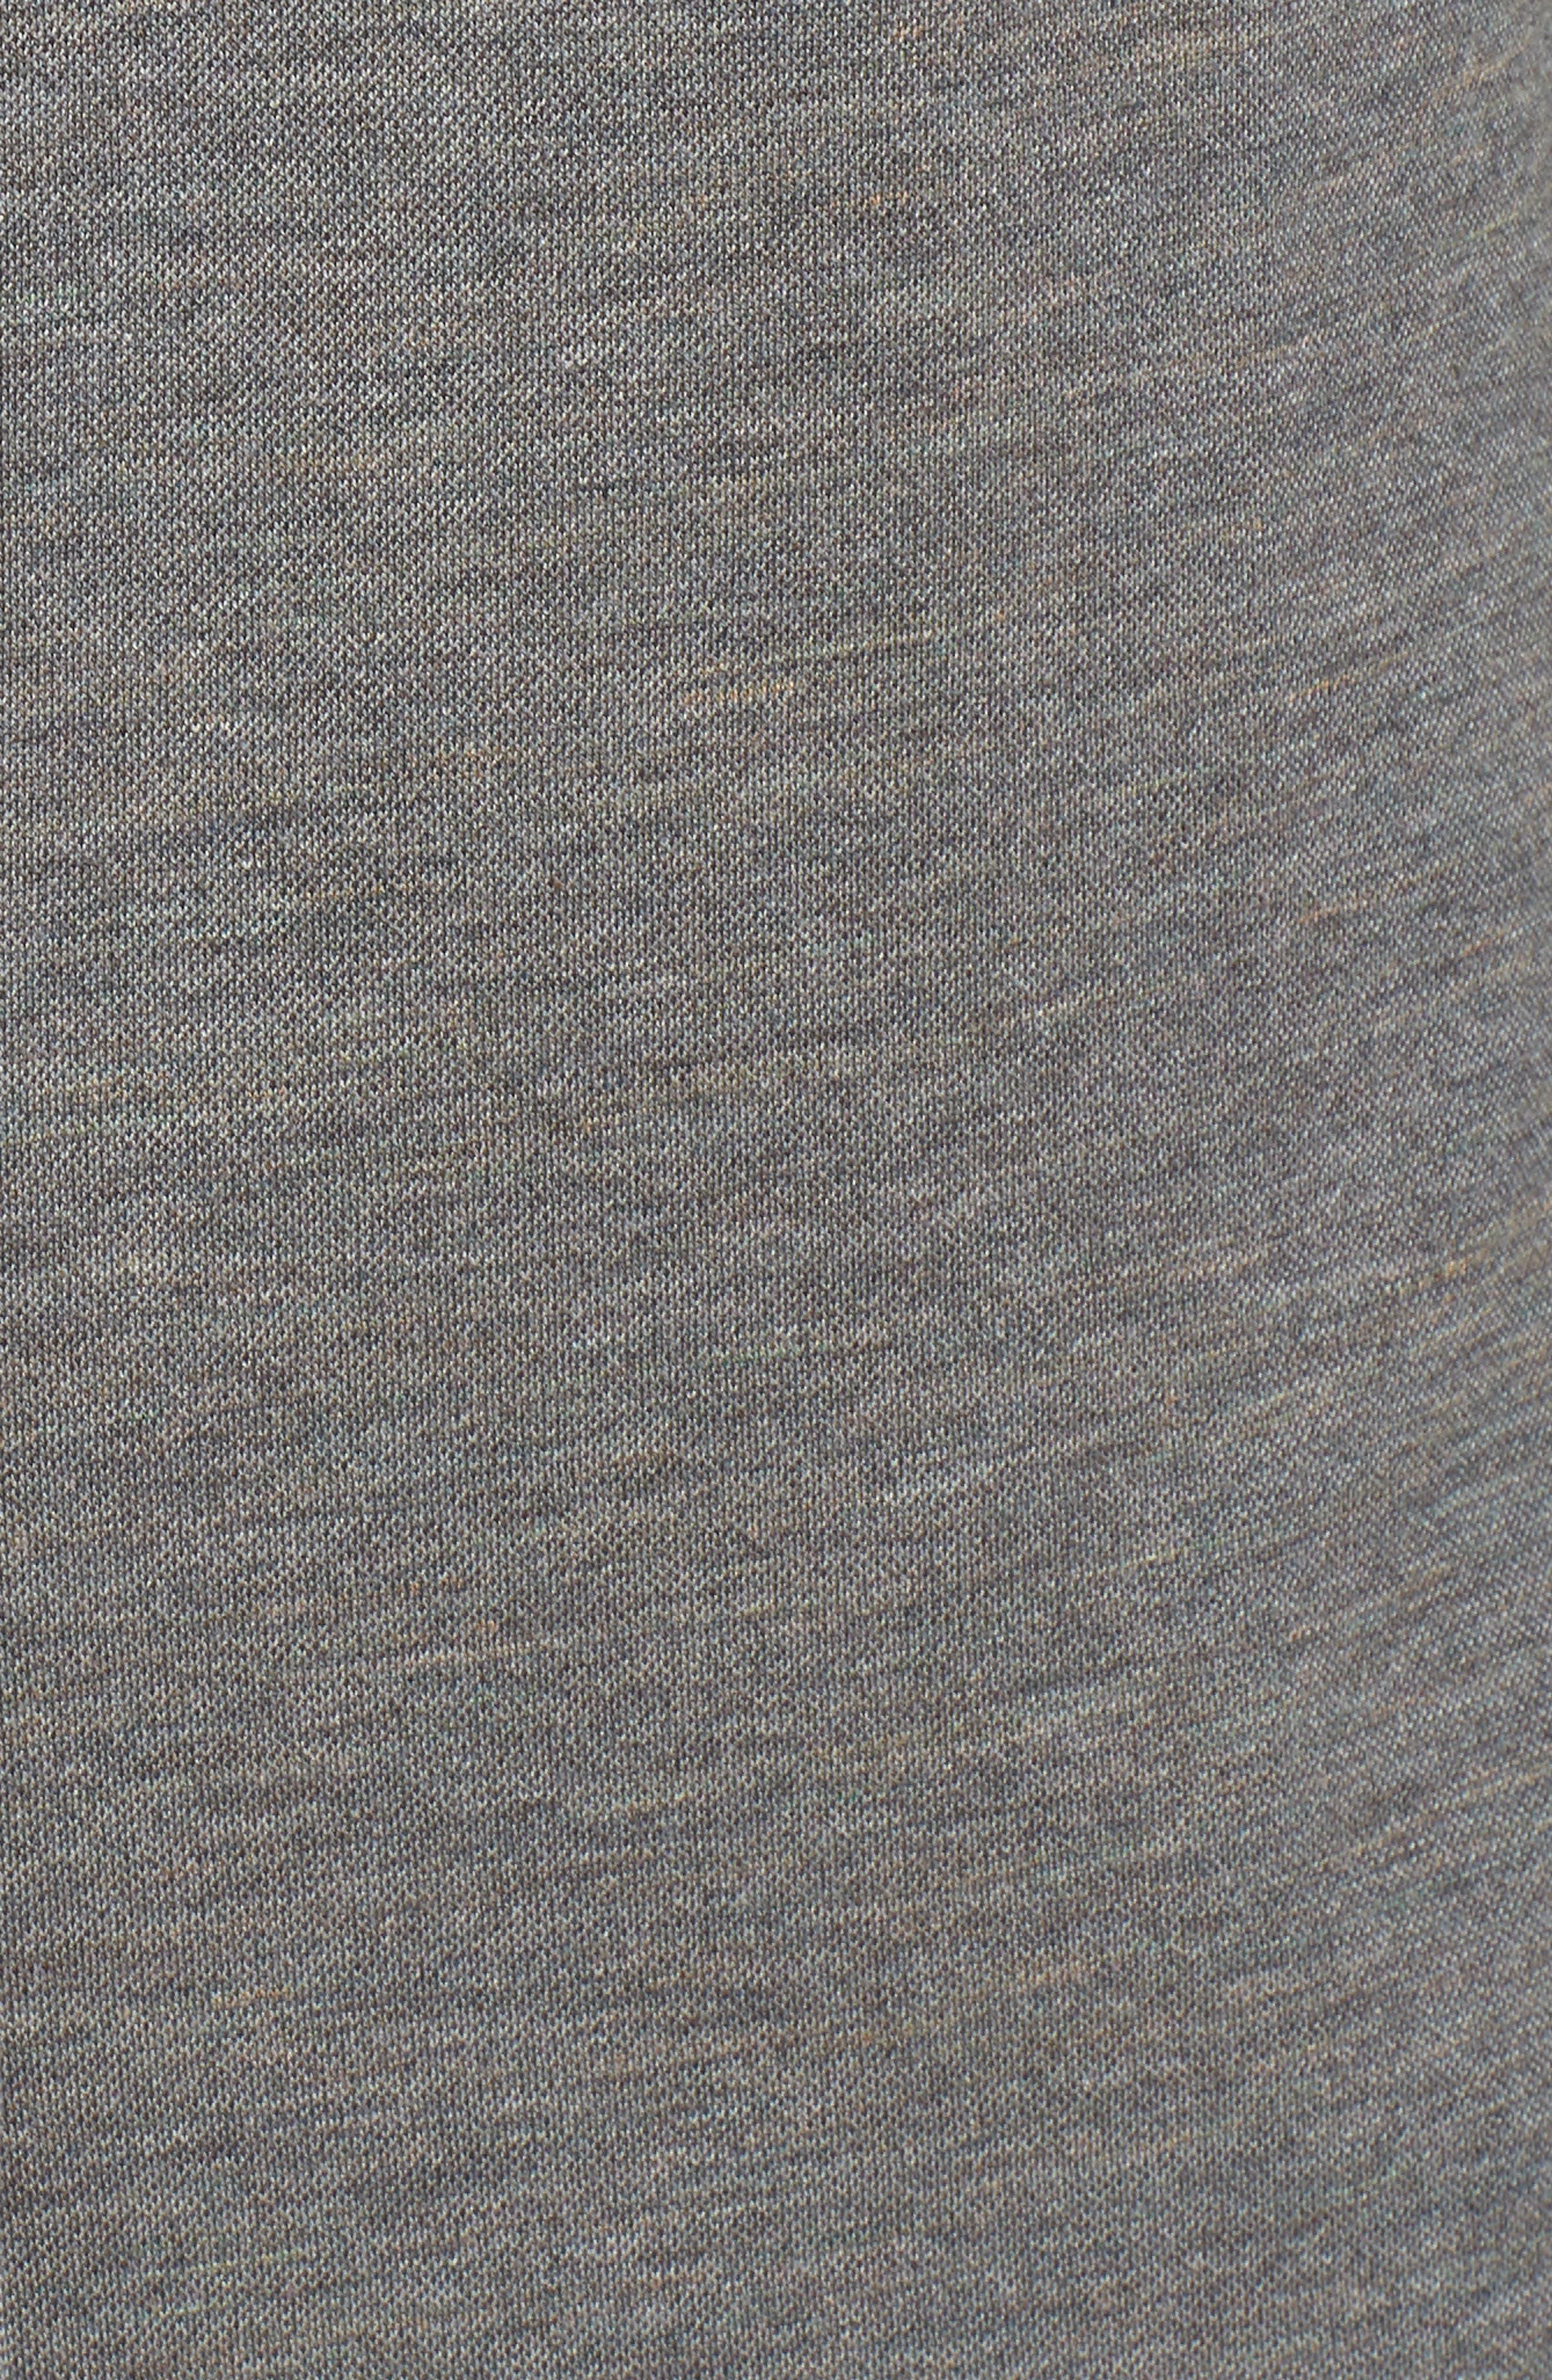 Regular Fit Piqué Knit Sport Shirt,                             Alternate thumbnail 5, color,                             Graphite